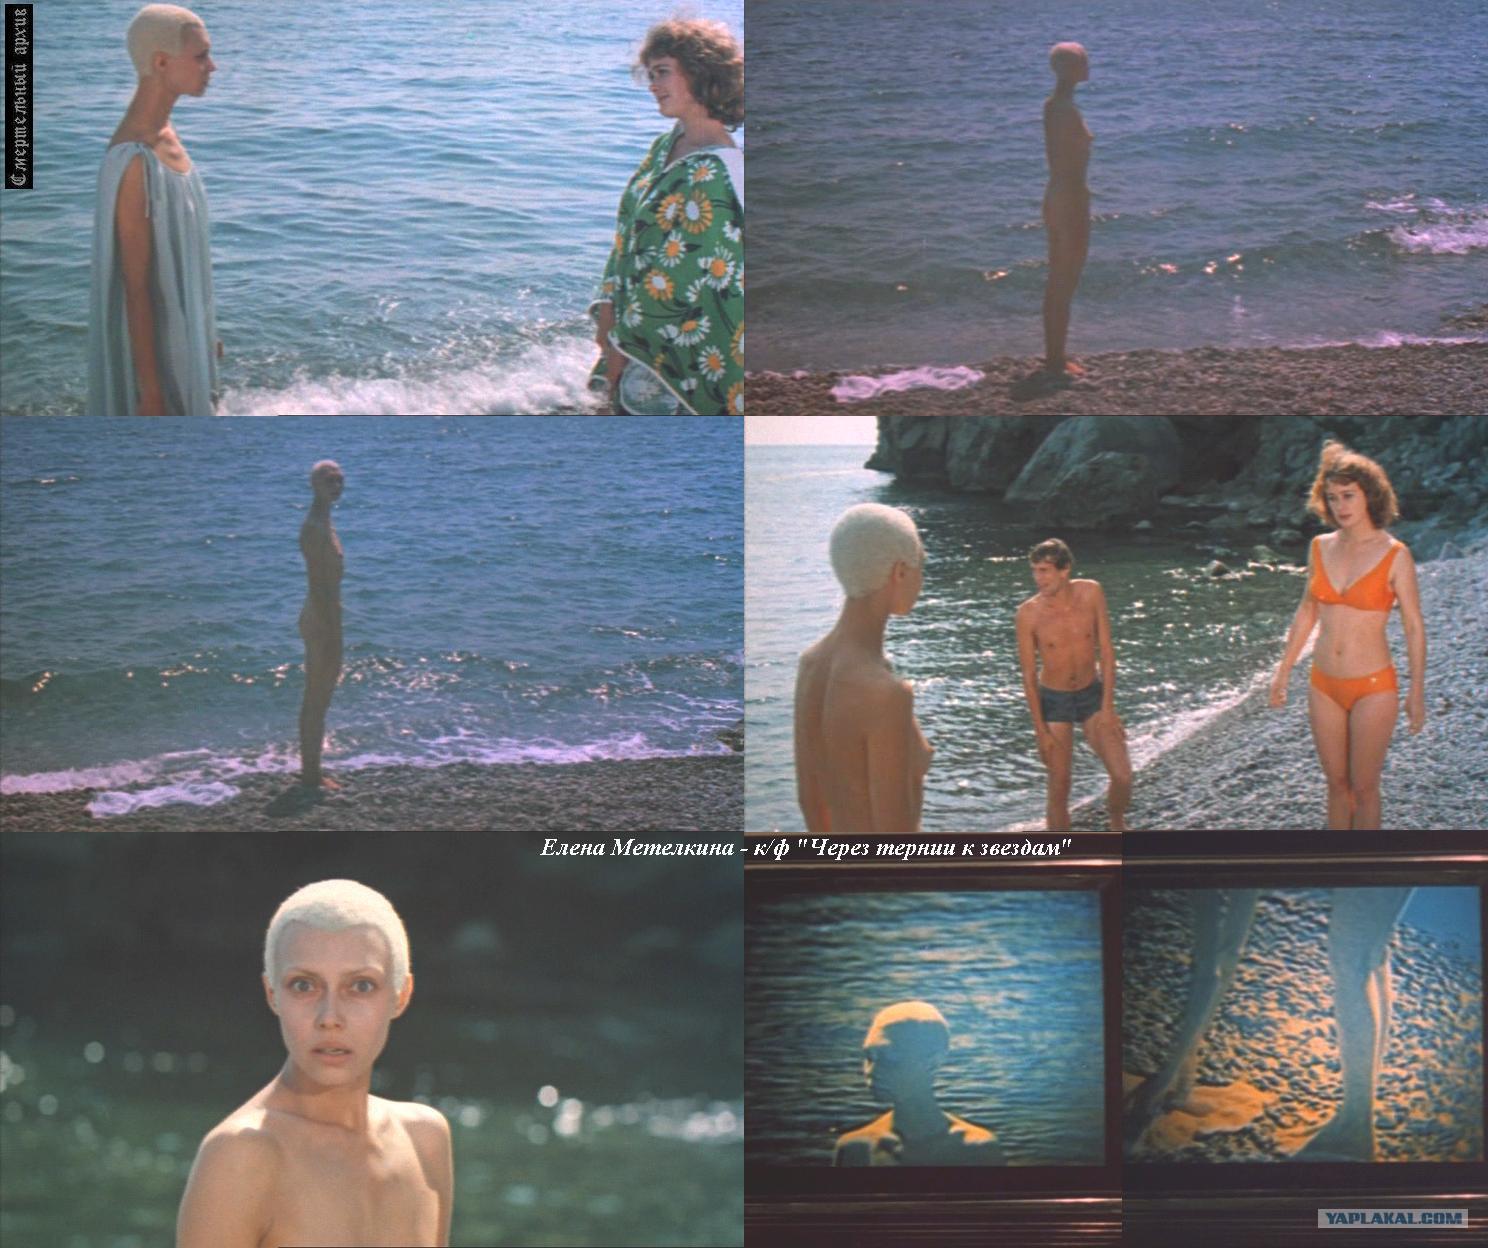 Елена метелкина голая видео #3